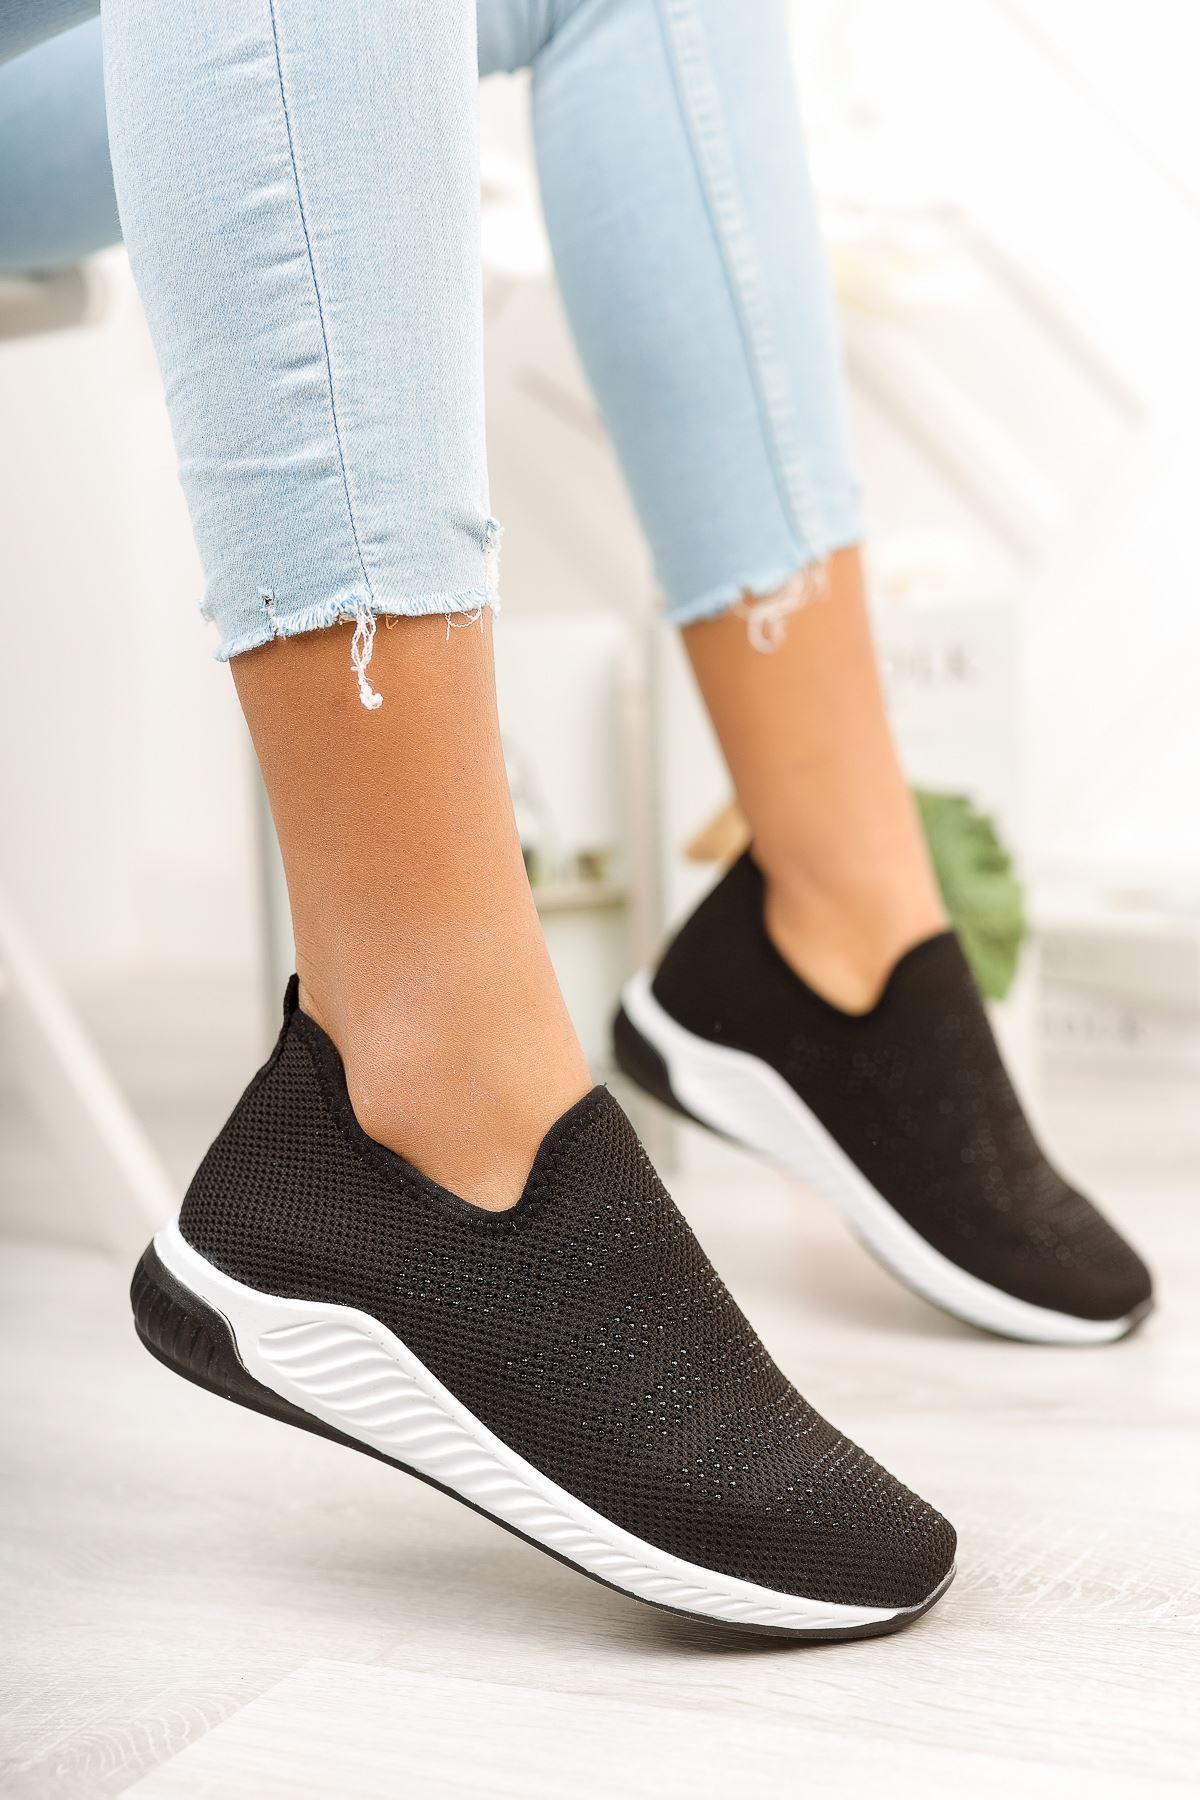 Siyah Taşlı Bağcıksız Triko Spor Ayakkabı